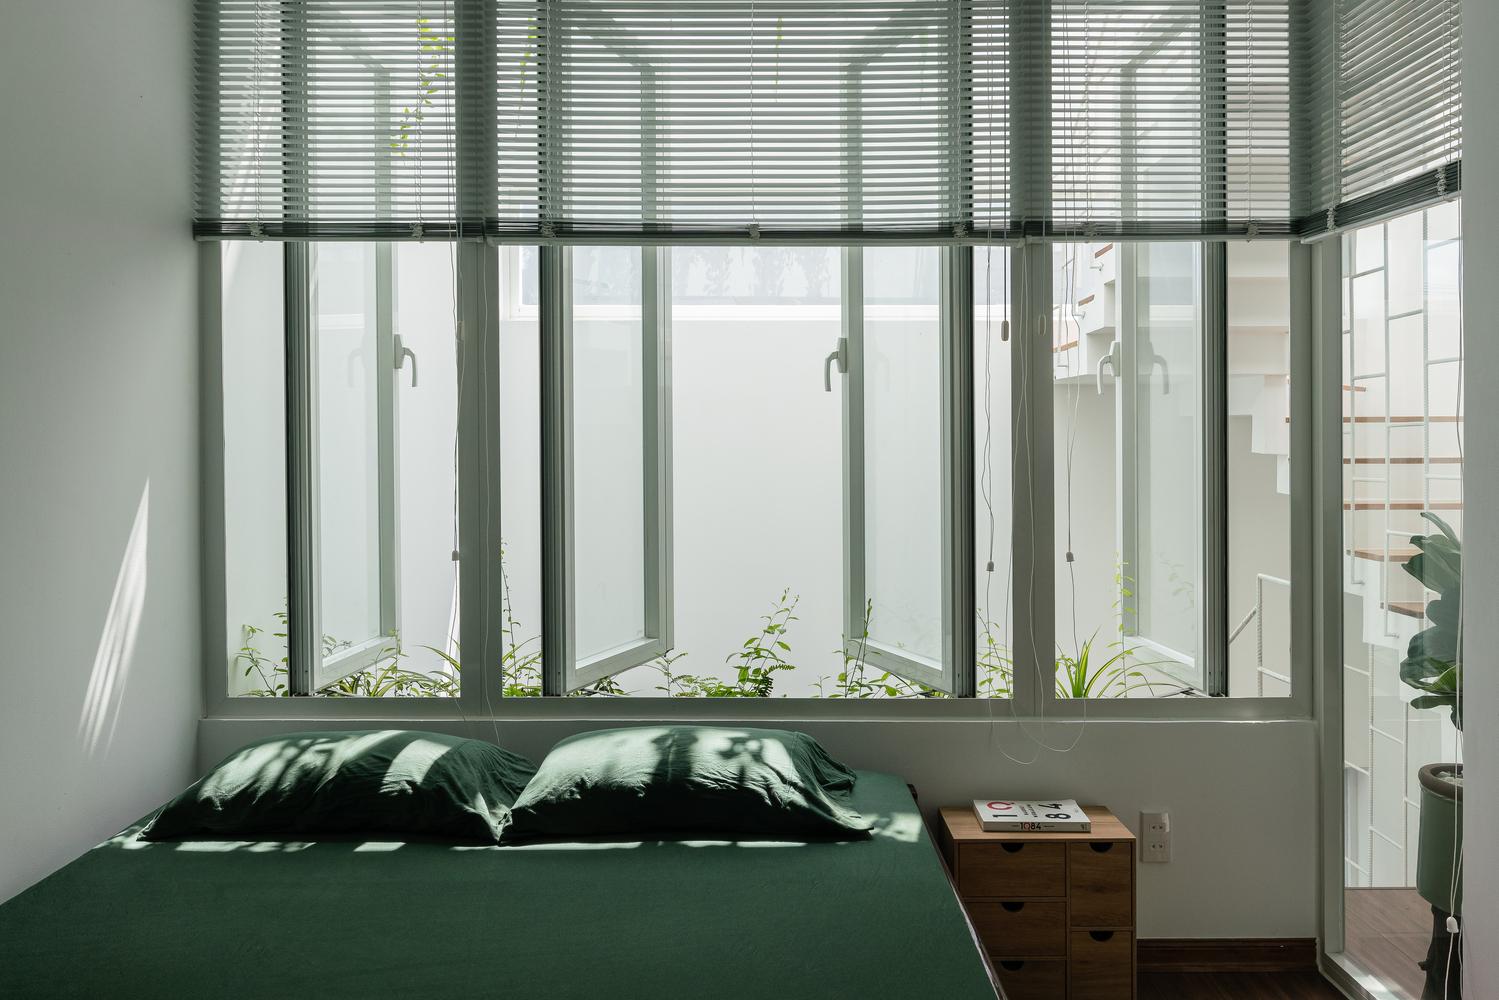 giường ngủ cạnh cửa sổ